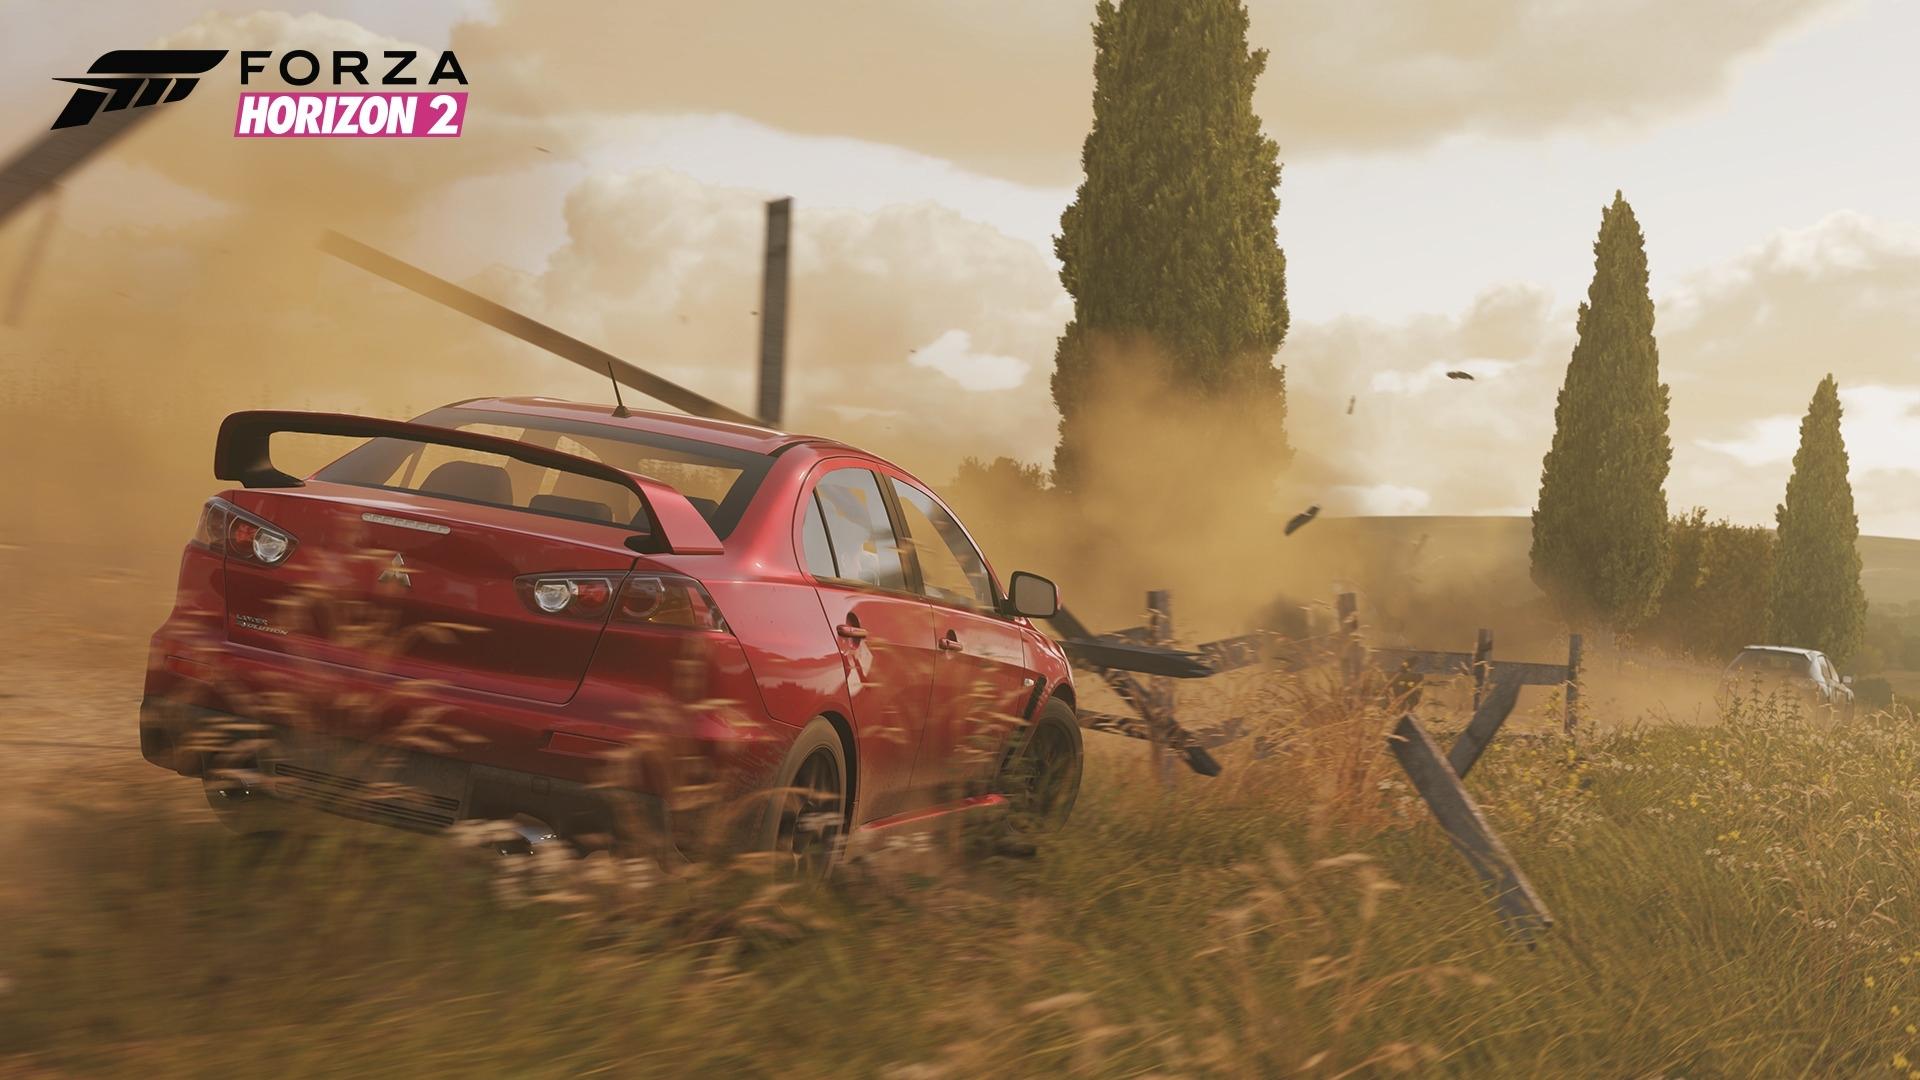 S0-Forza-Horizon-2-annonce-pour-cet-automne-323287